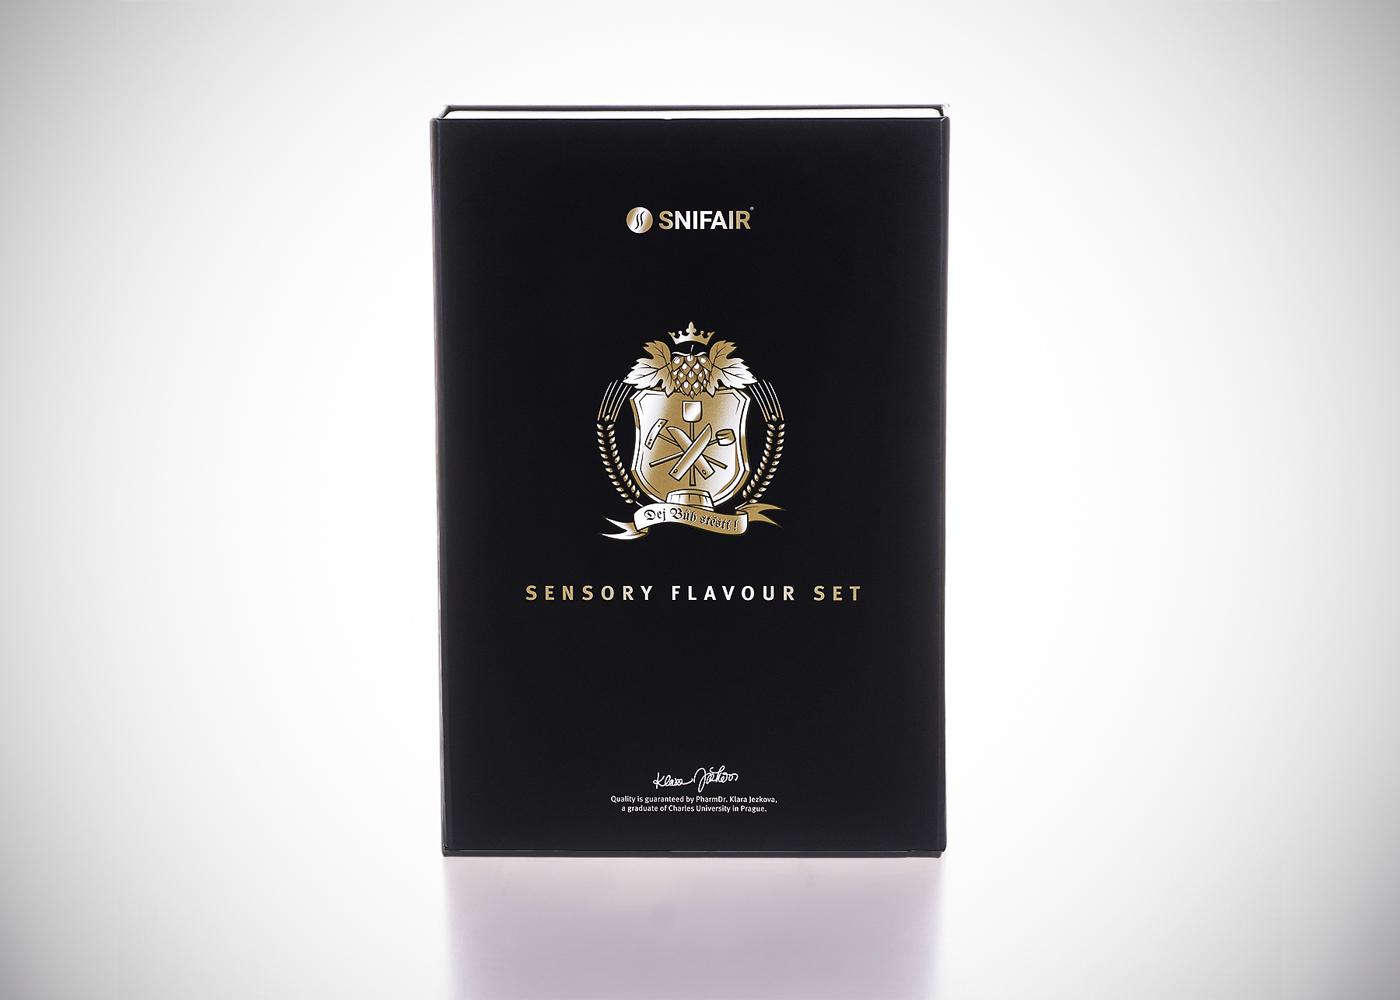 Snifair - sensory flavour set